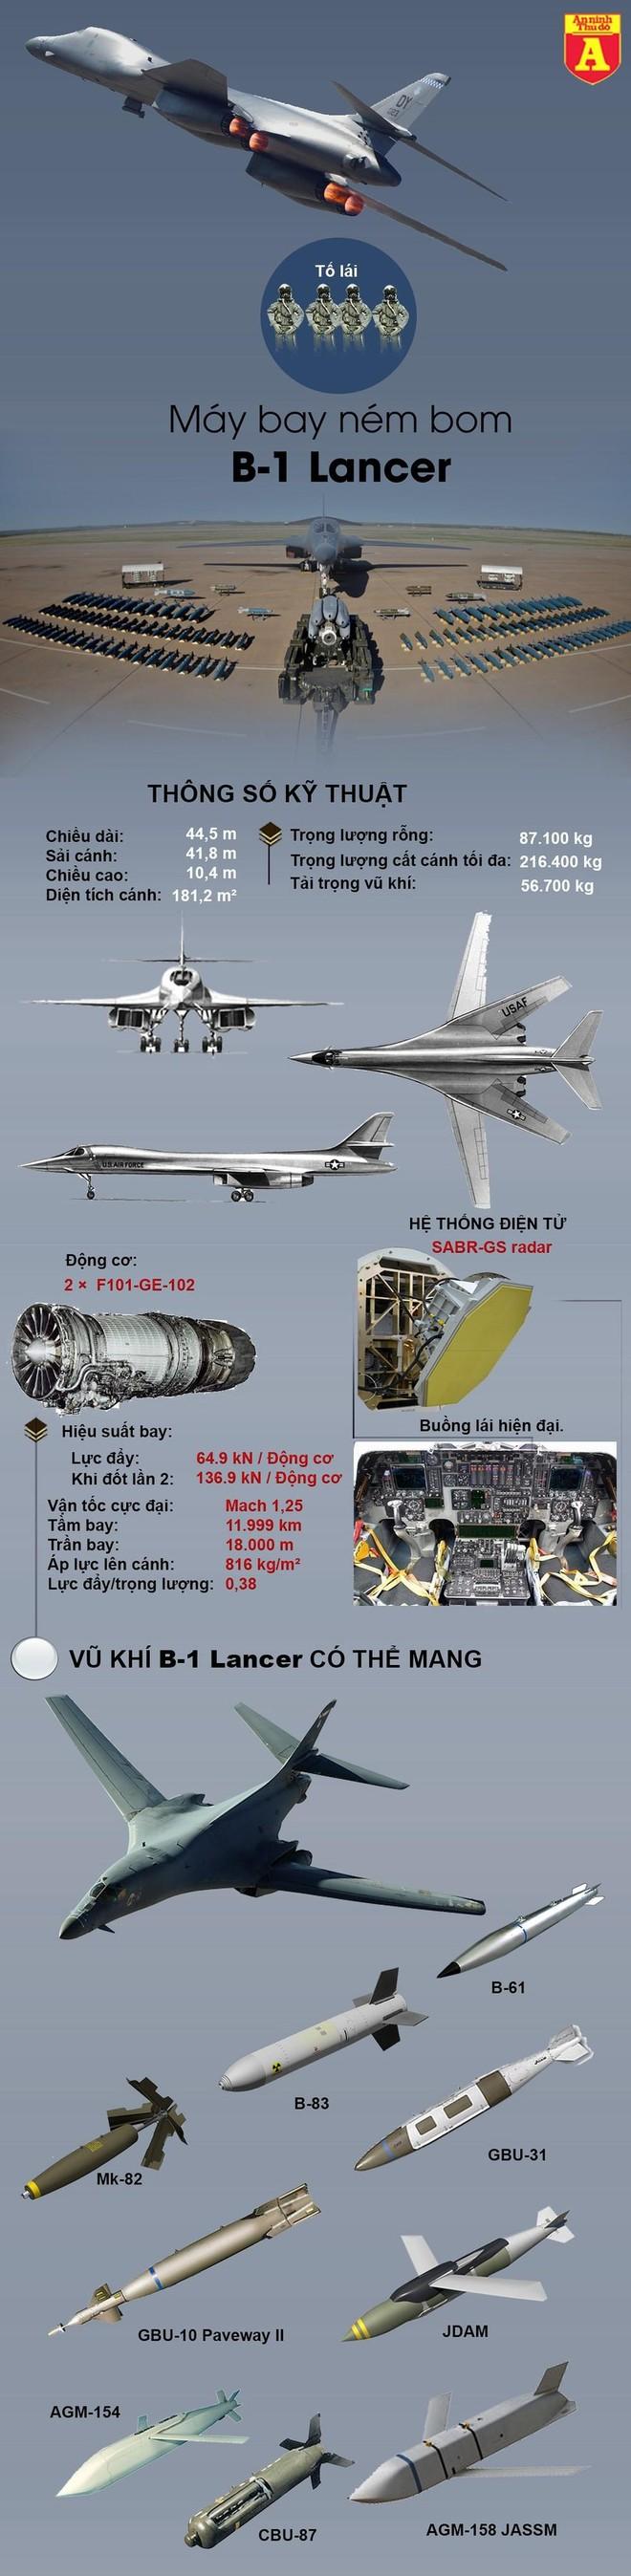 [Info] 'Pháo đài bay' B-1B tới Na Uy, Mỹ và NATO muốn ngăn Nga tại Bắc Cực ảnh 2